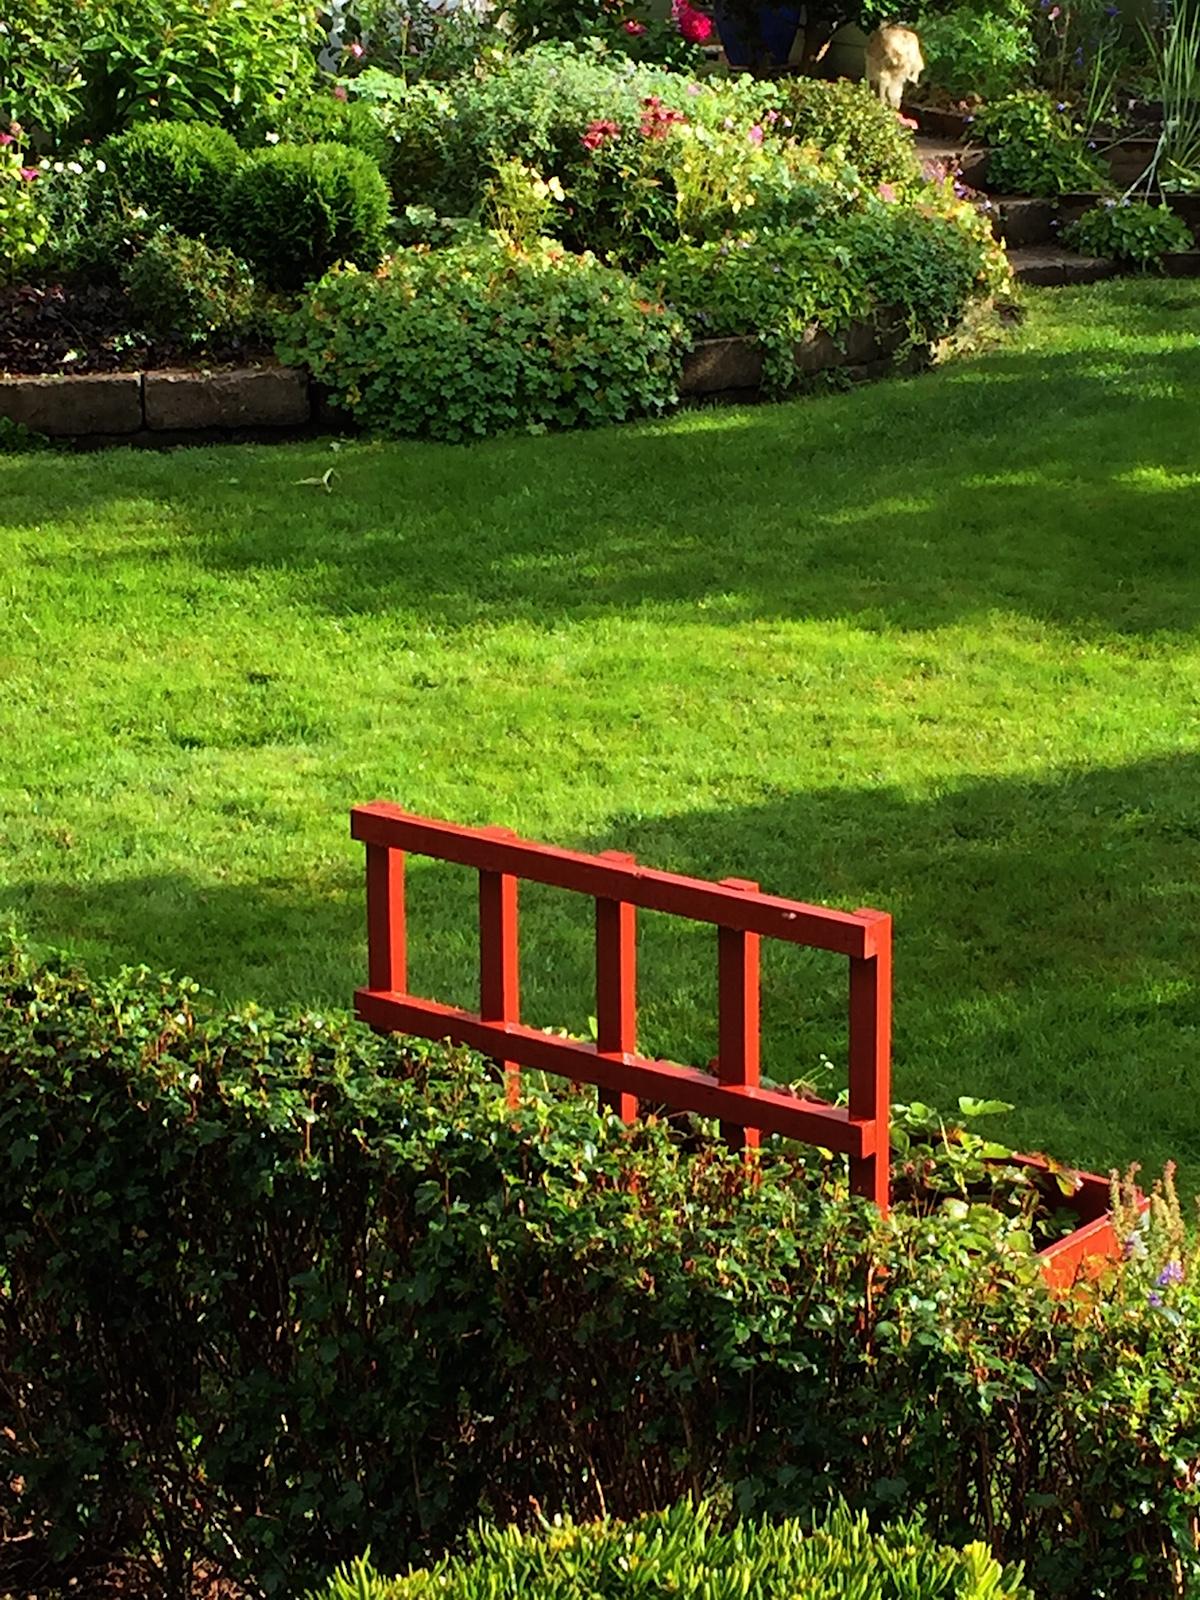 Luna eks trädgårdsblogg   sida 3 av 67   trädgård, trädgårdsdesign ...